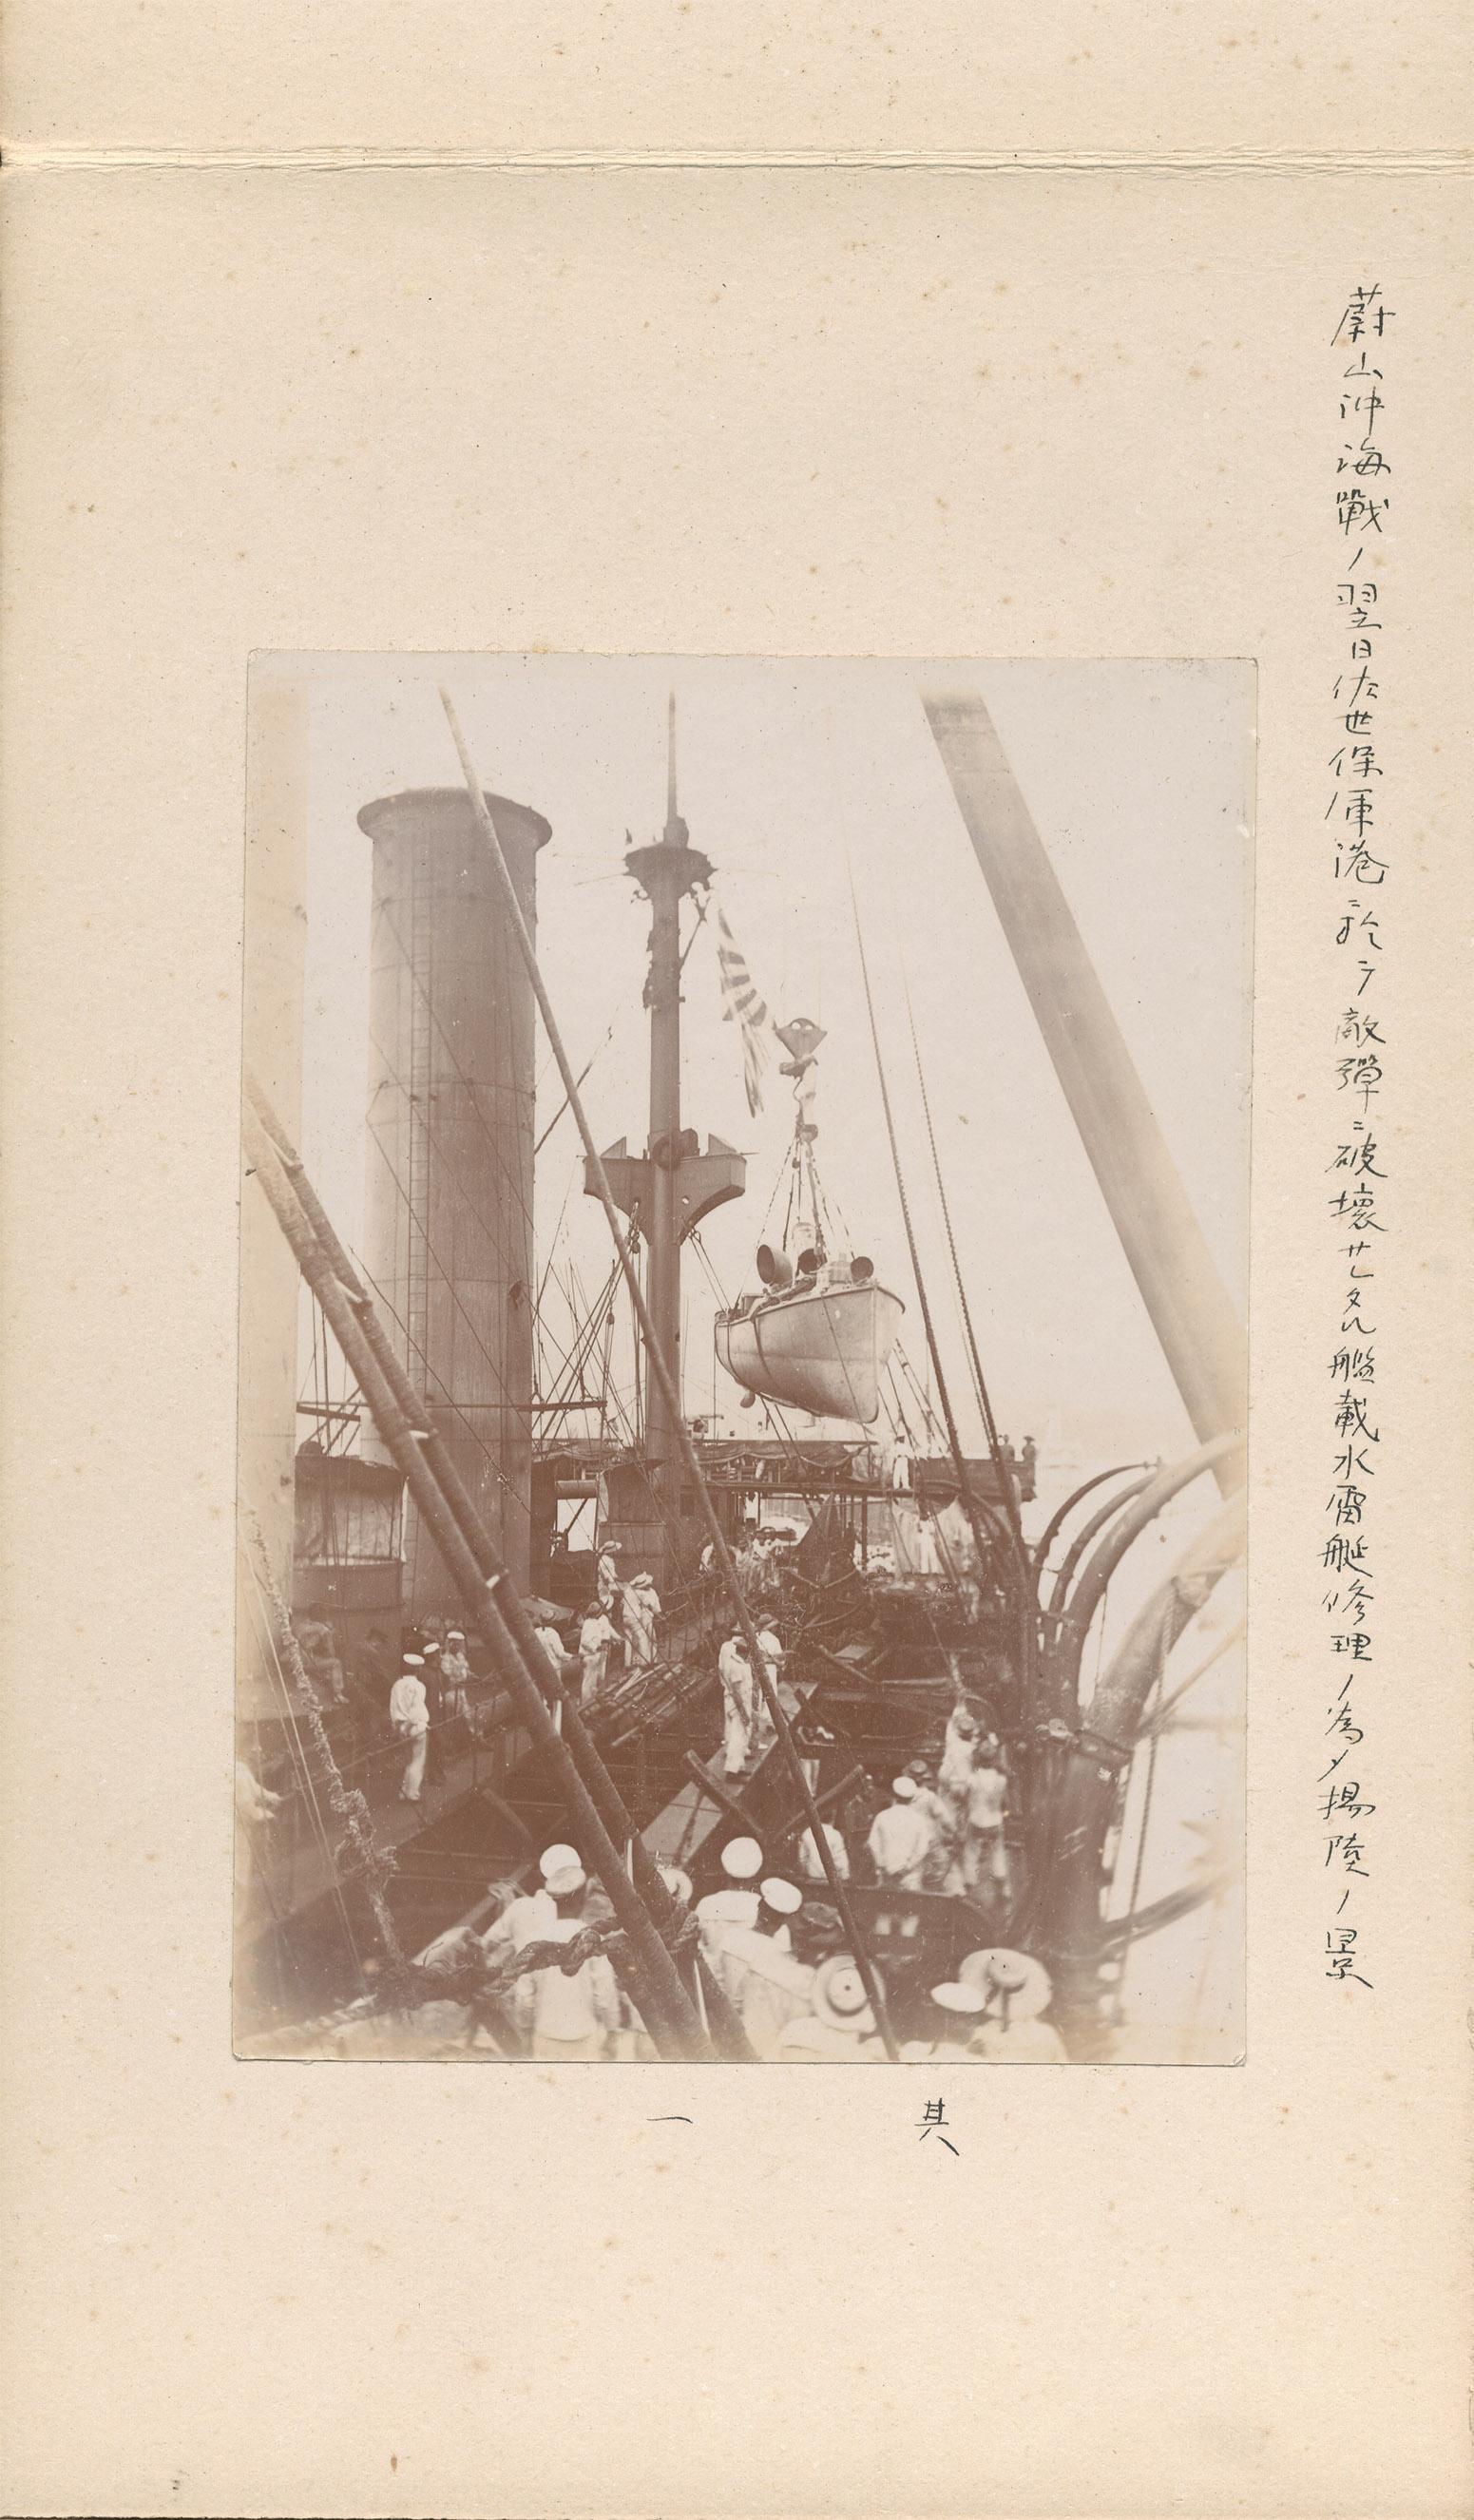 yoshimoto028